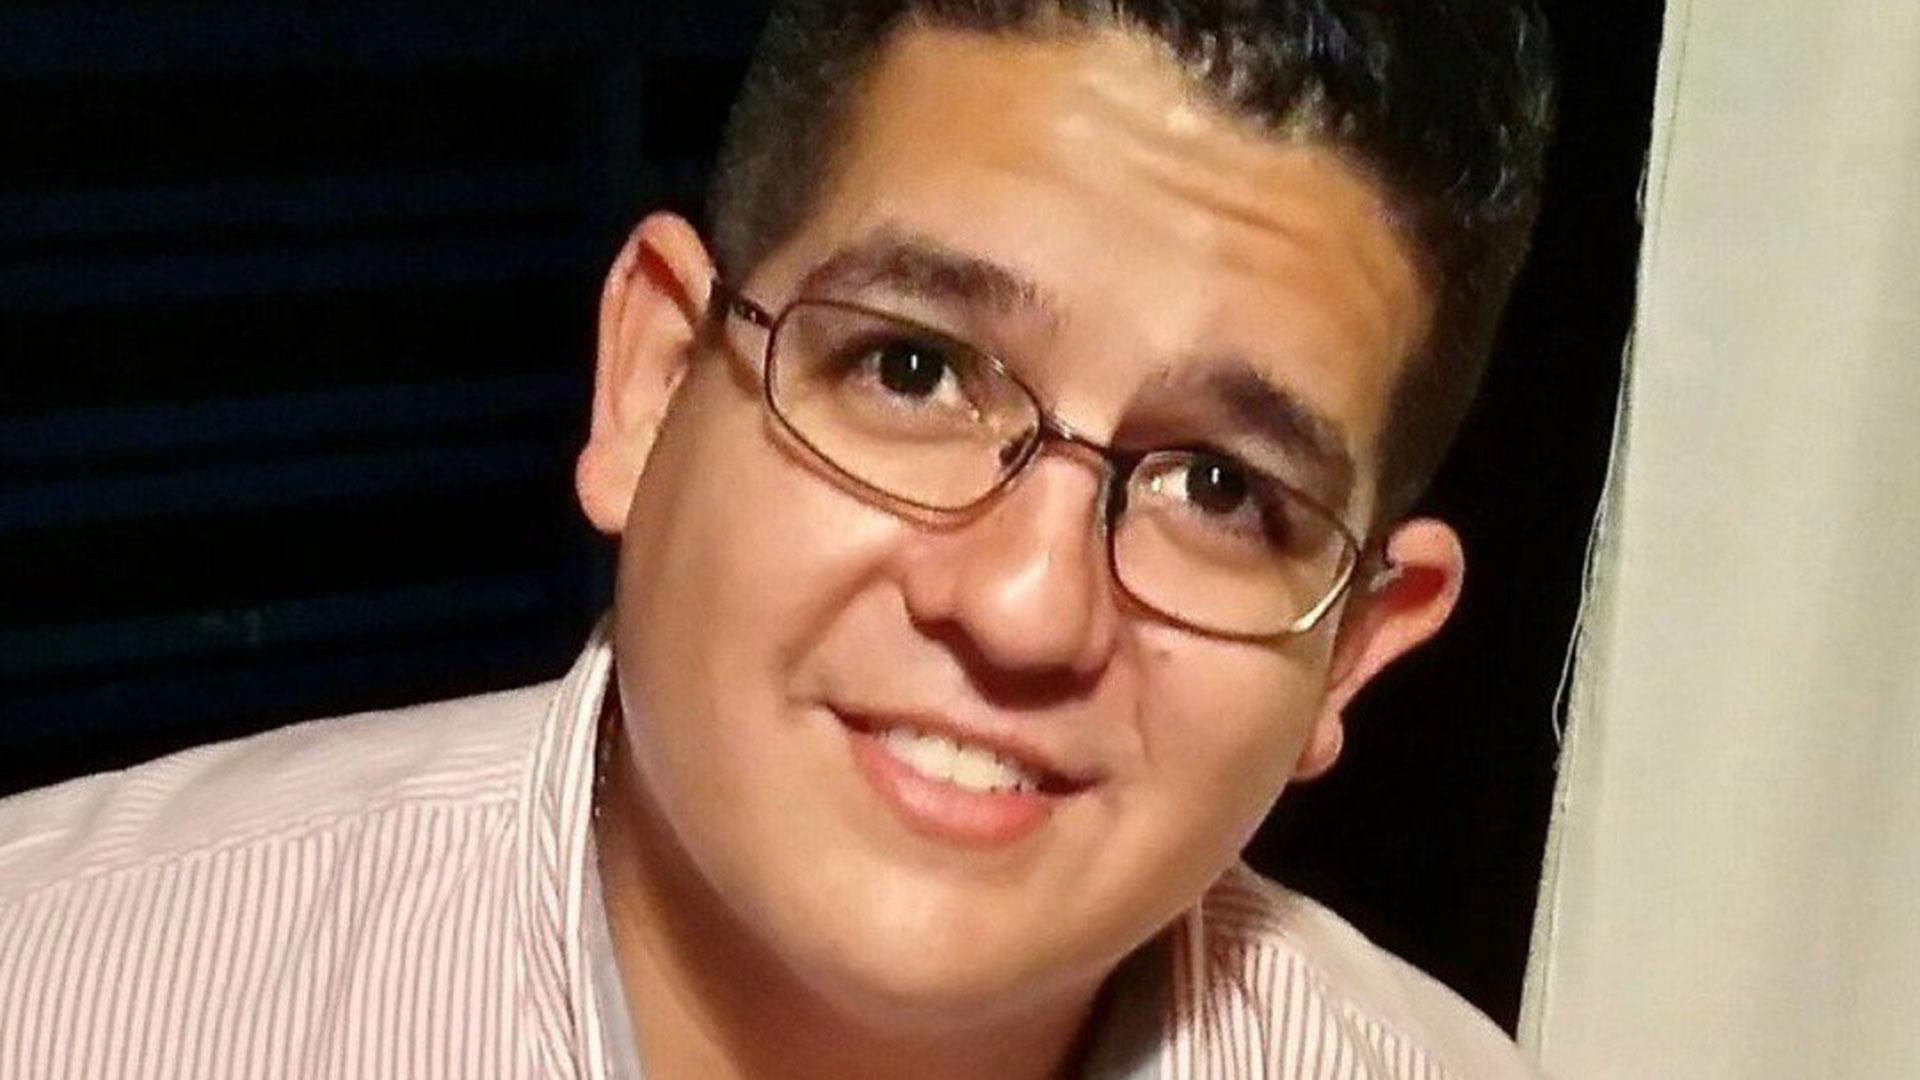 Rafael González trabaja para una empresa que provee seguridad a los periodistas extranjeros que trabajan en Venezuela